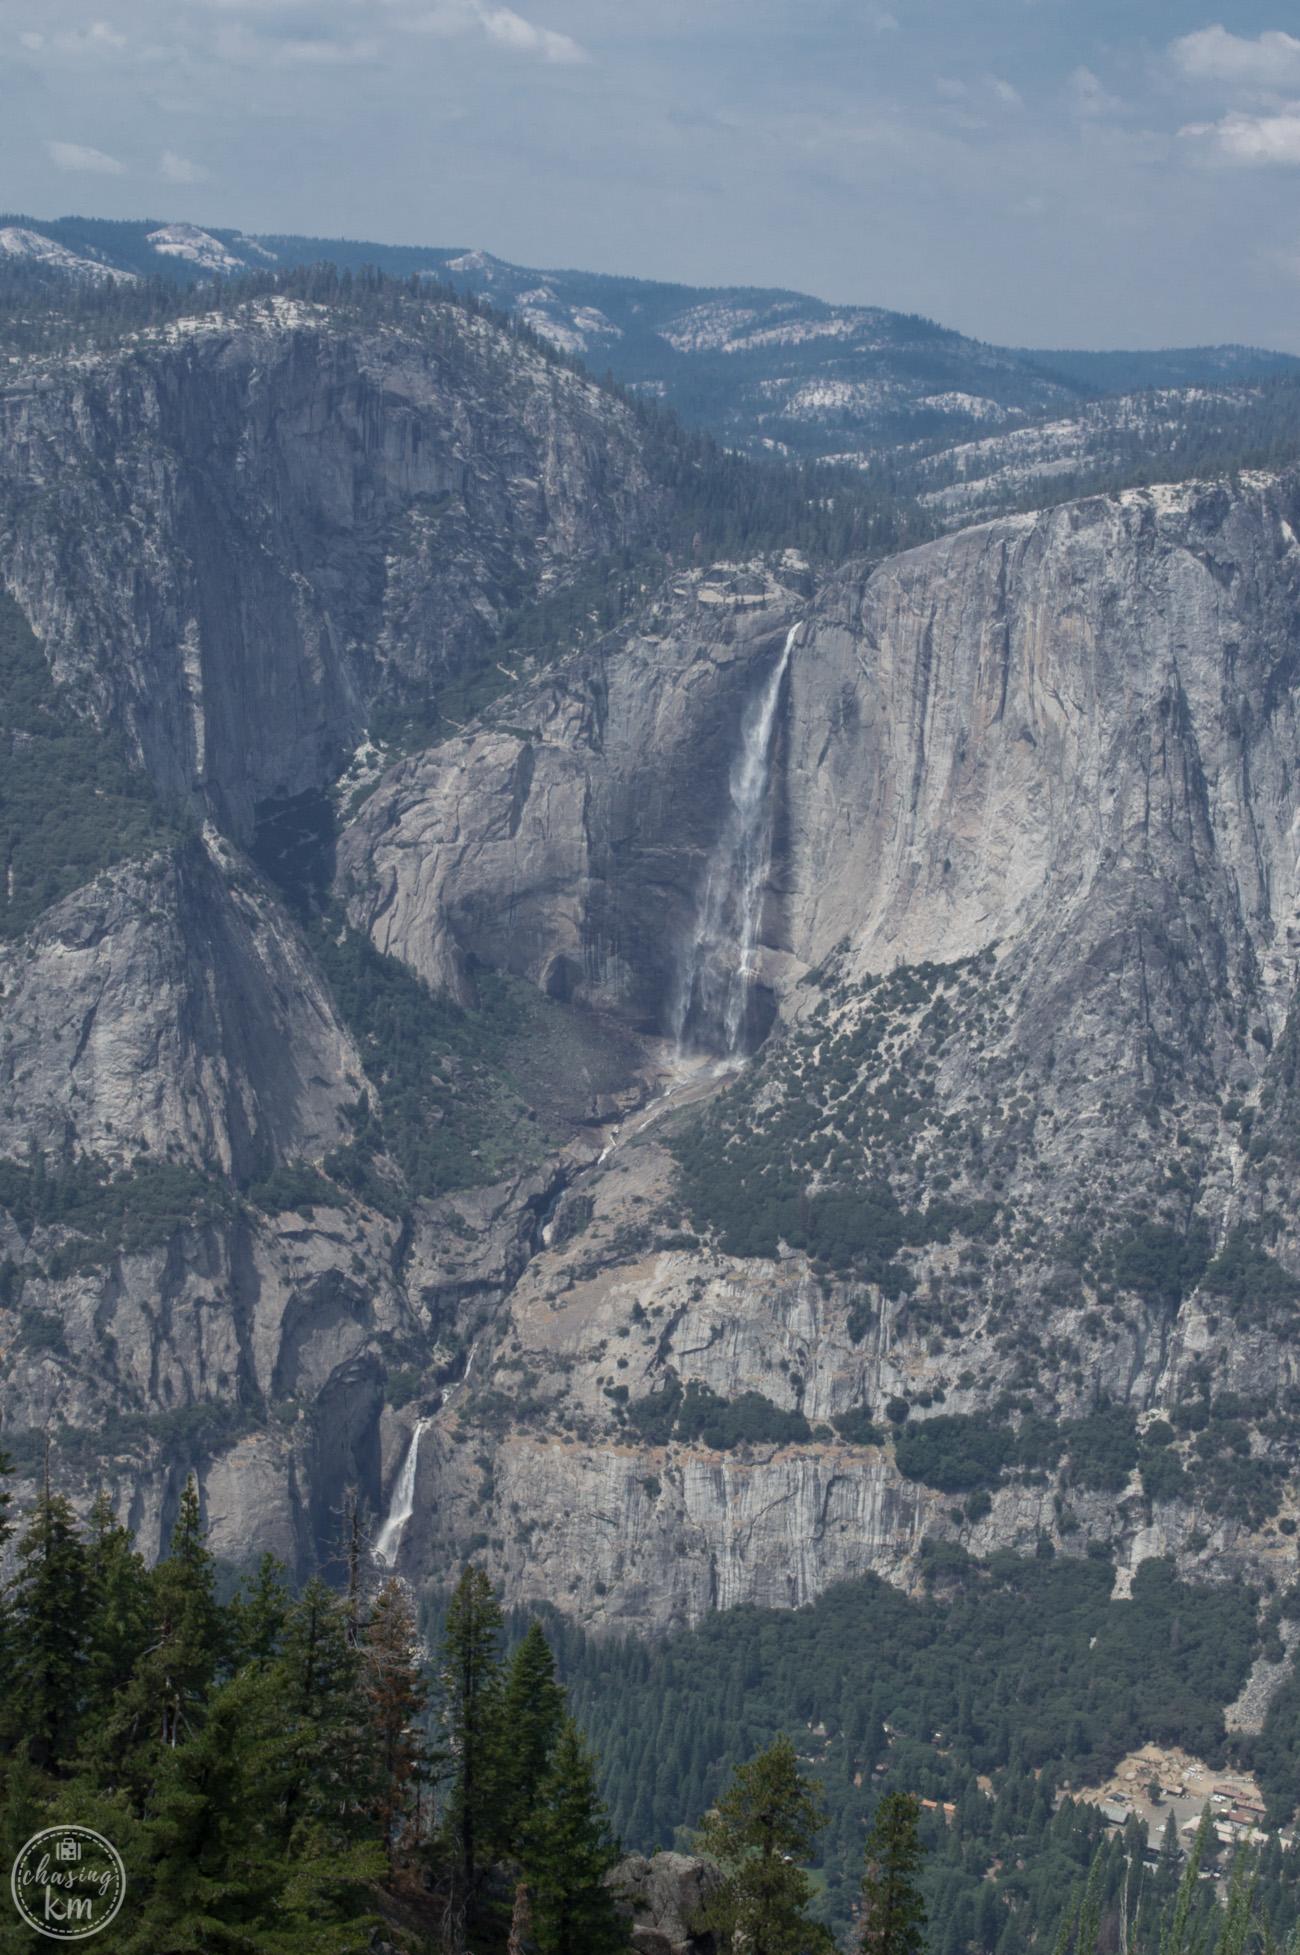 yosemite falls, tosemite